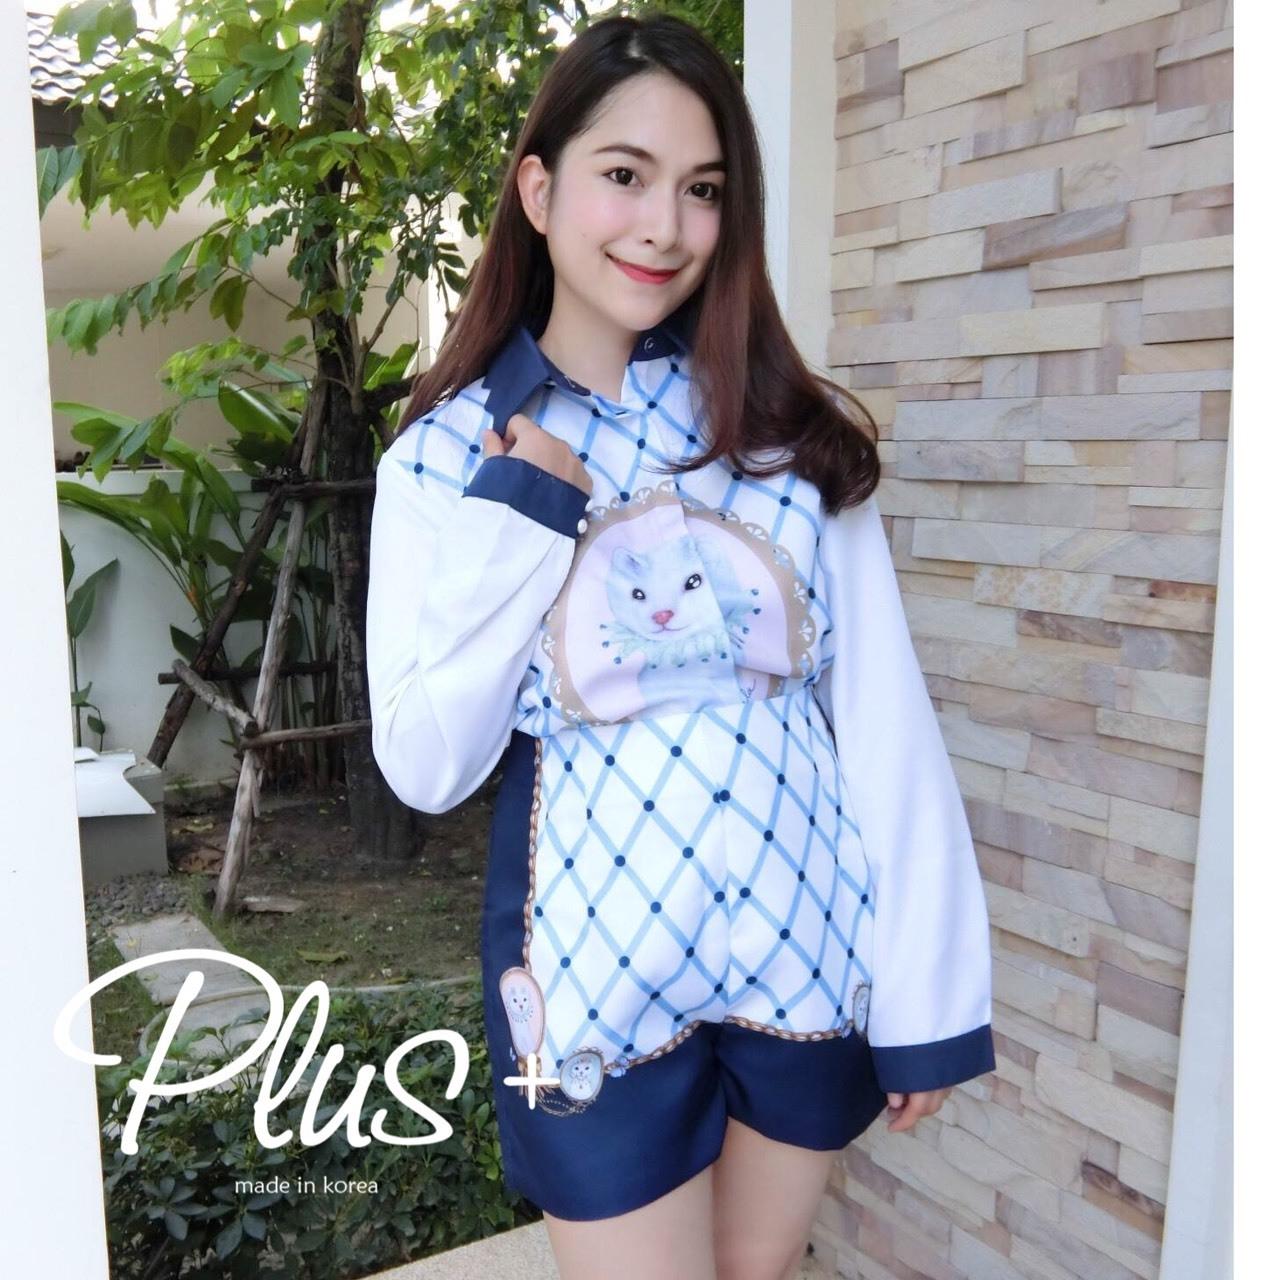 เสื้อผ้าแฟชั่นเกาหลีพร้อมส่ง เชิ้ตแขนยาว ผ้า cotton Polyester